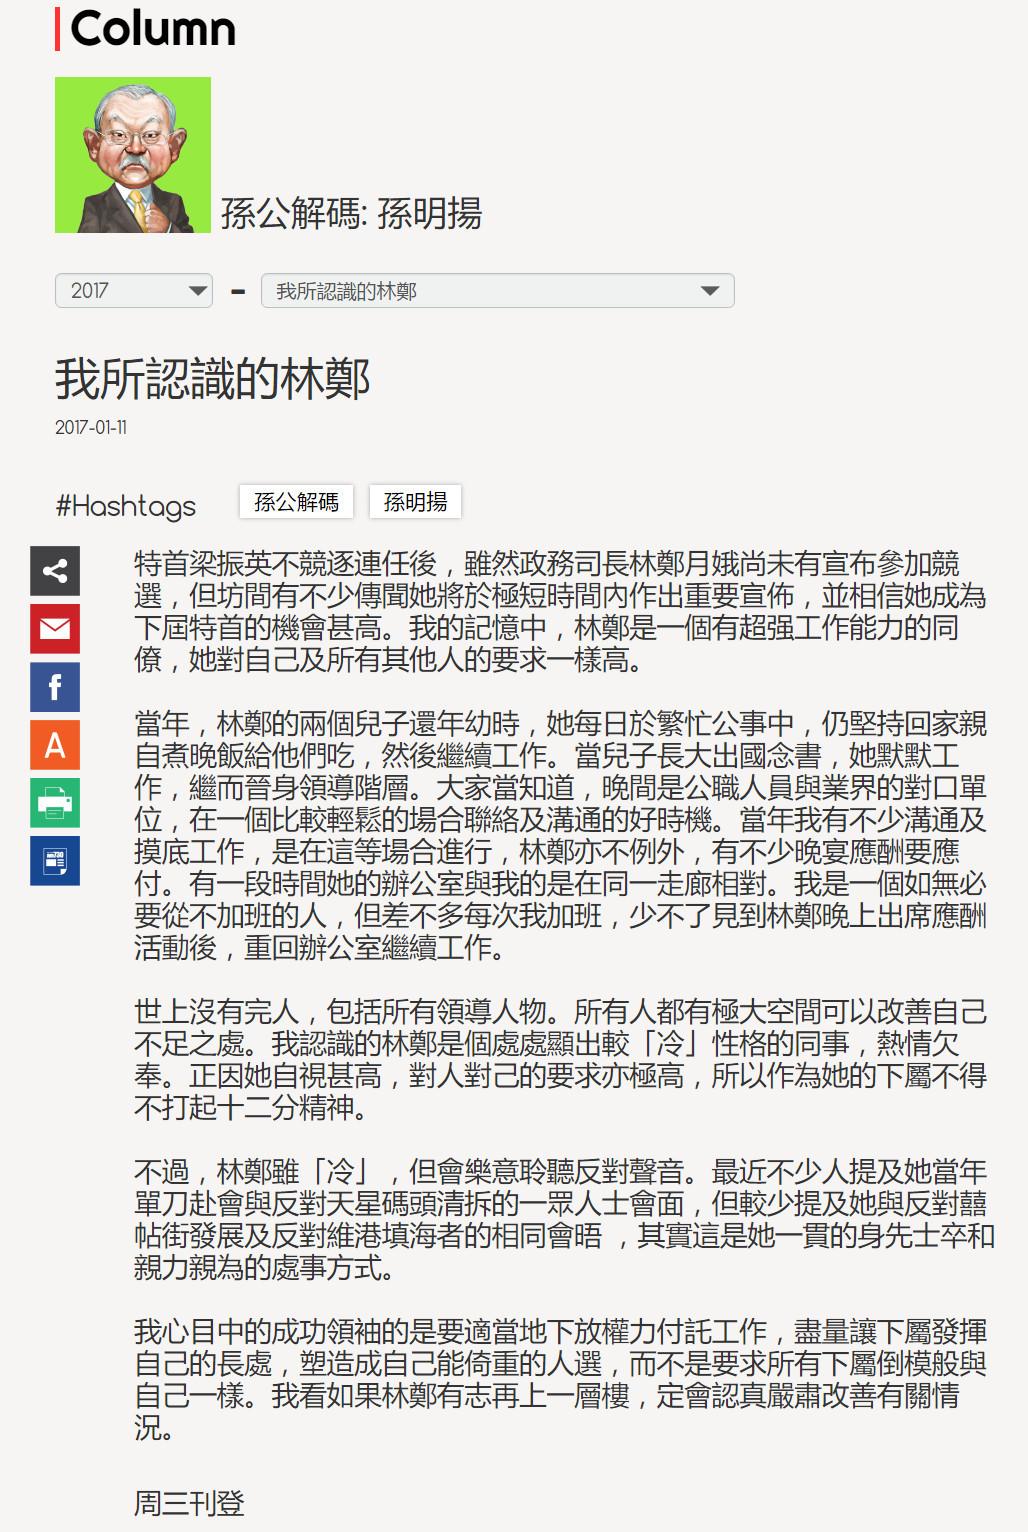 昨日曾任多屆政府高職的孫明揚,在報章專欄發表文章,形容林鄭「有超強工作能力」,但「處處顯出較『冷』性格」、自視甚高,勸對方應適當地下放權力。(am730截圖)